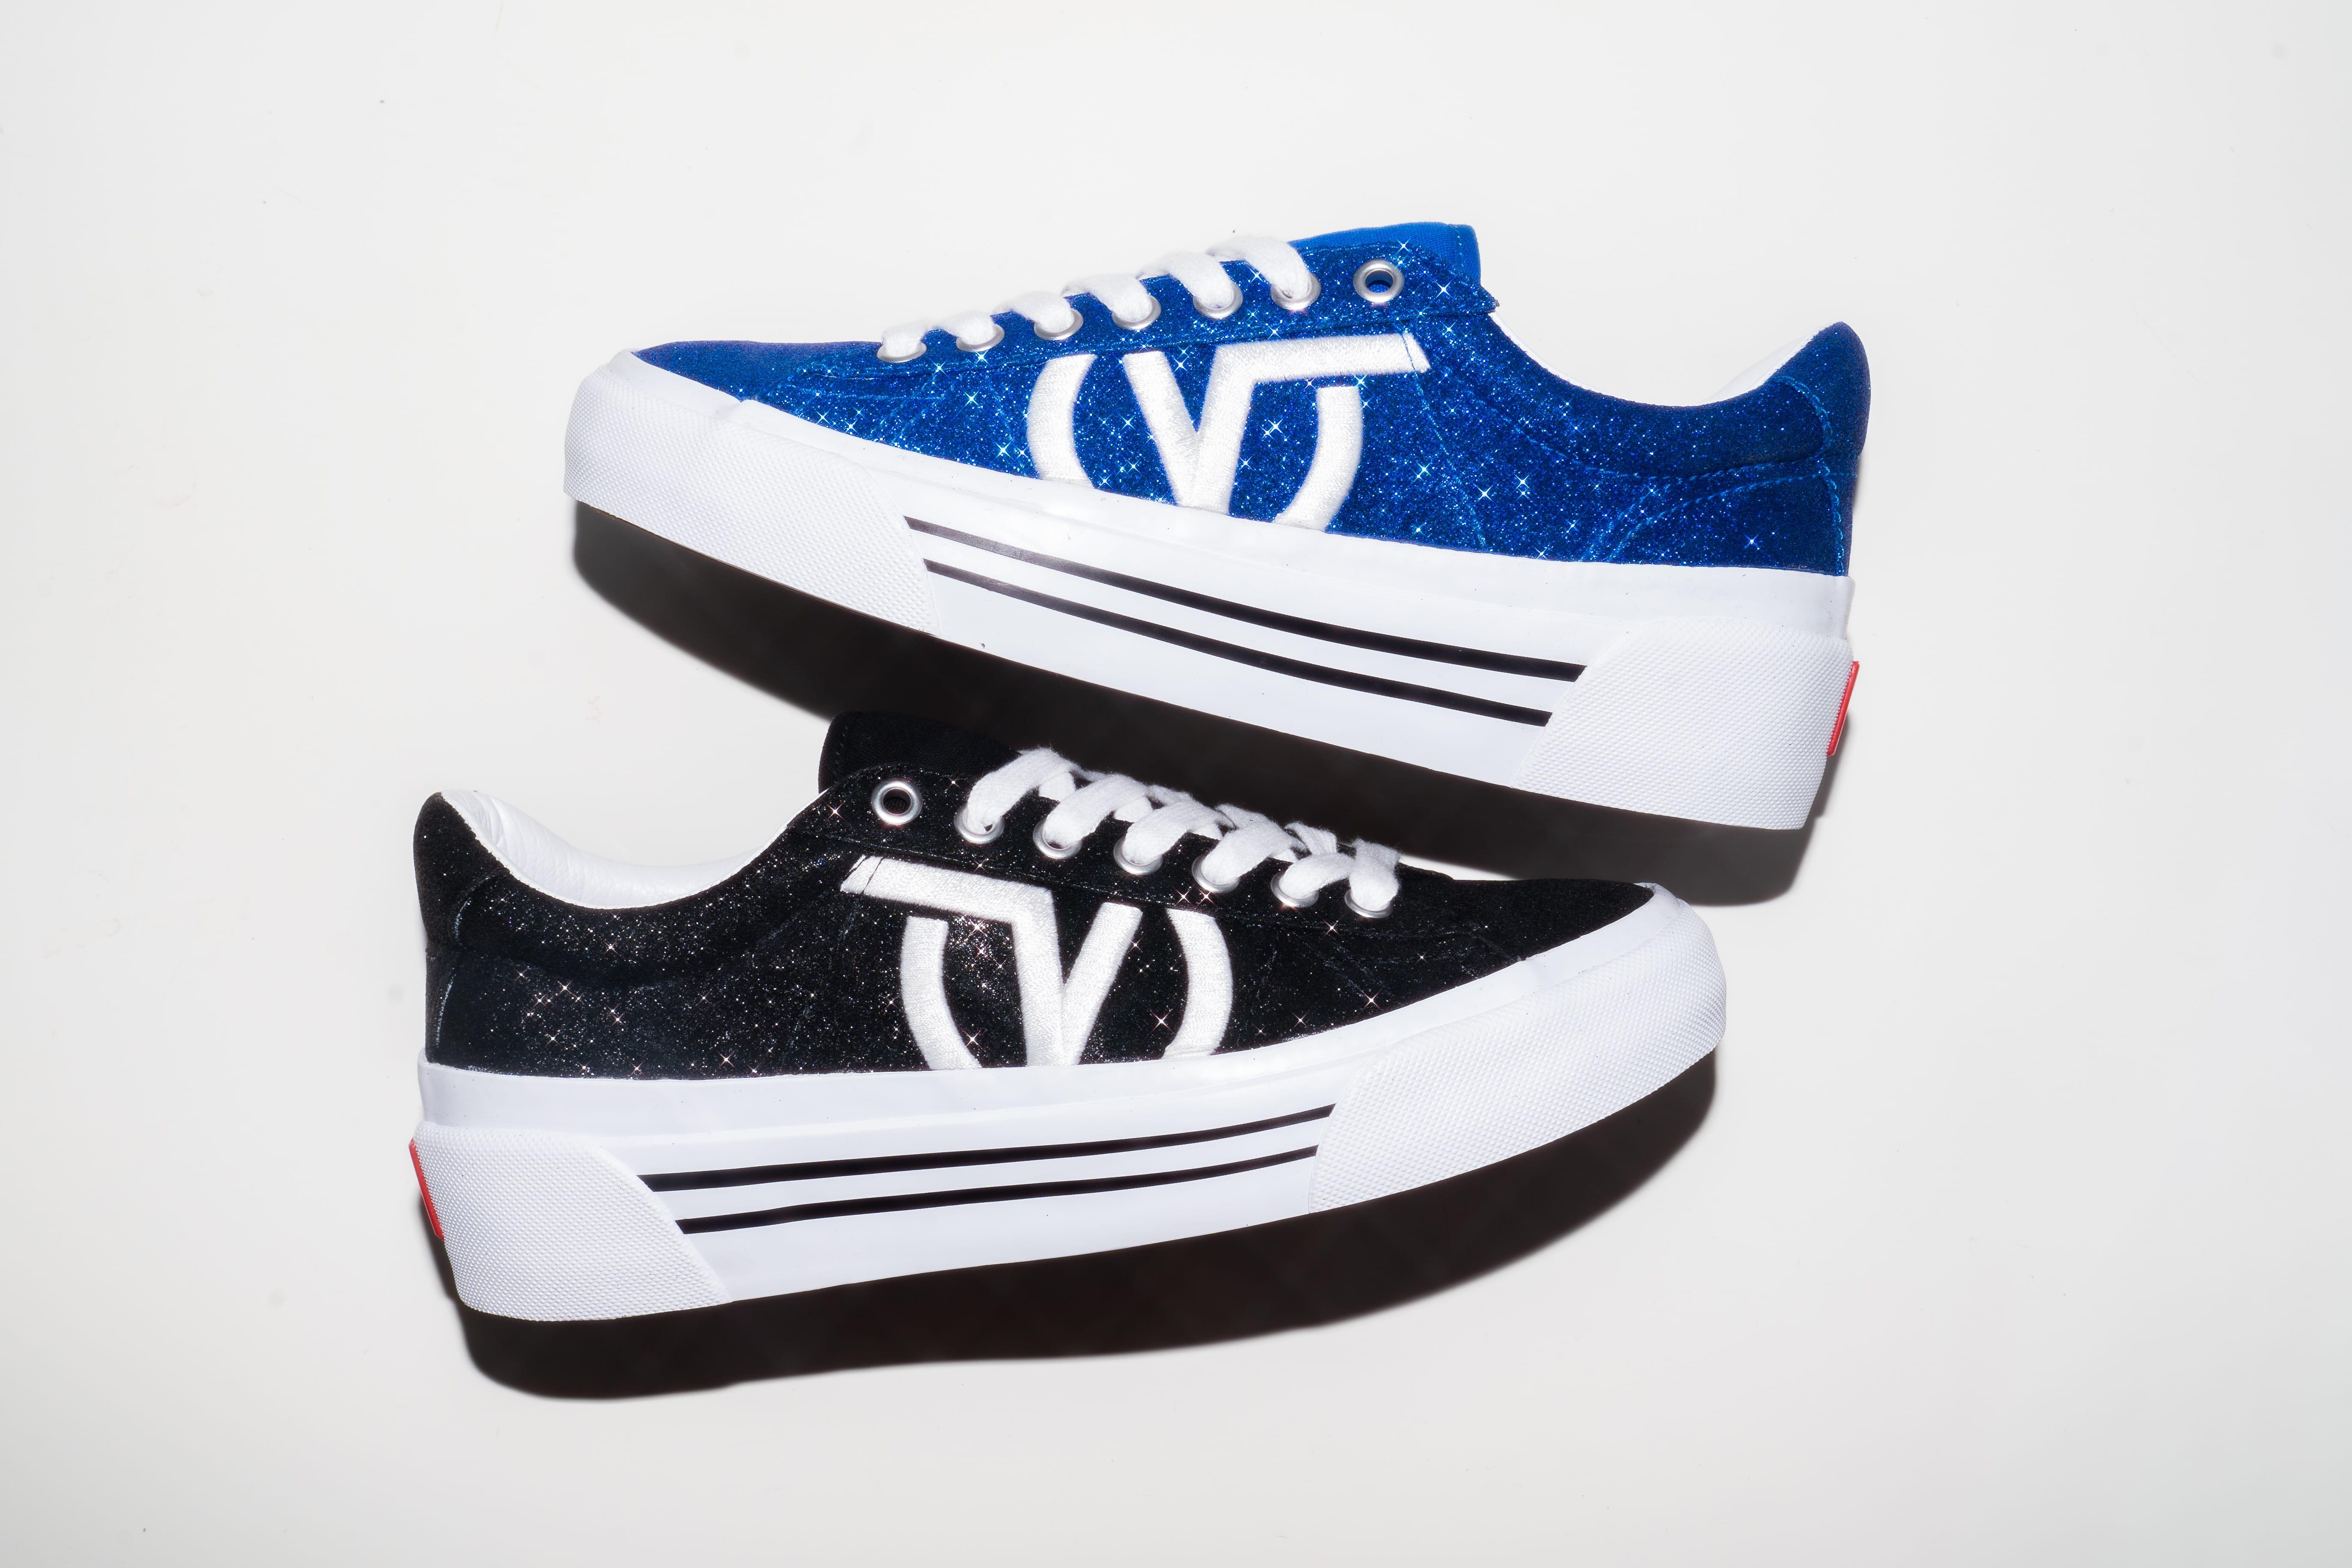 Vans Sid NI Retro Sneaker Release